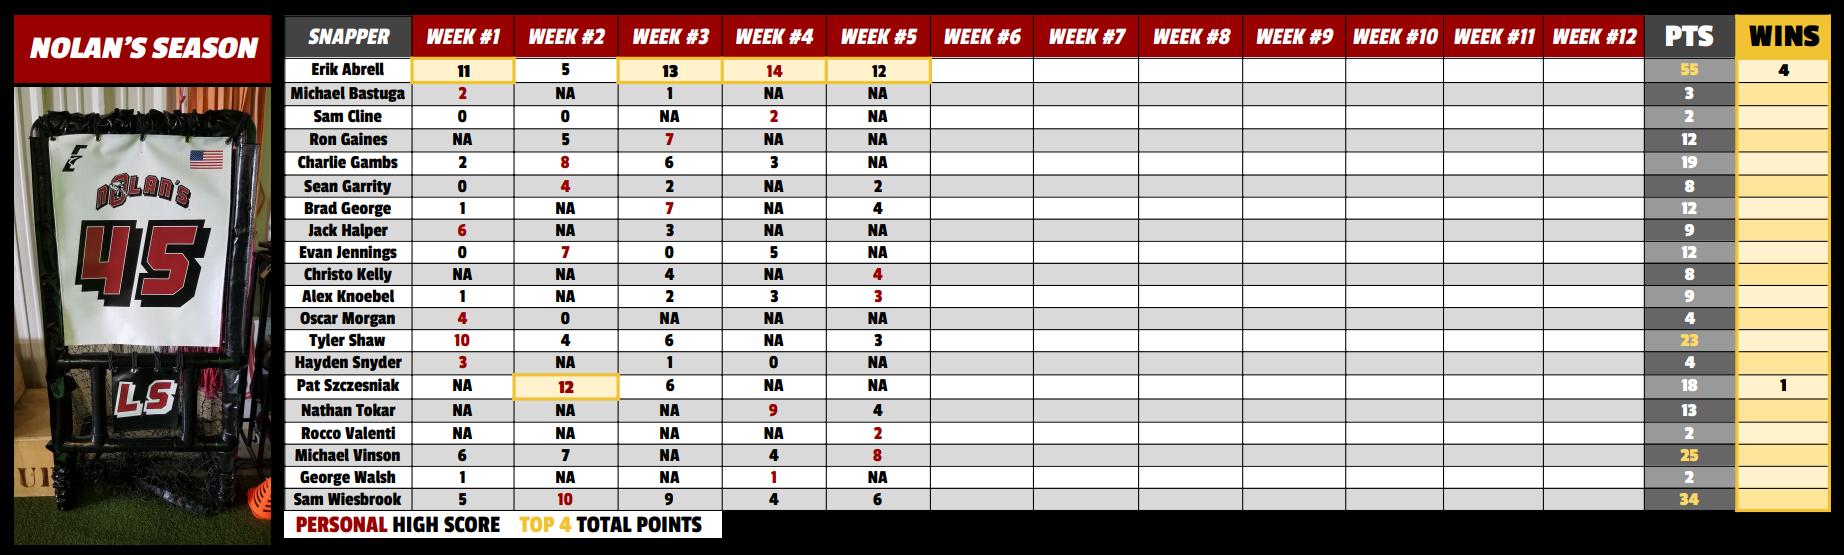 Nolan's Season Leaderboard Week 5.PNG